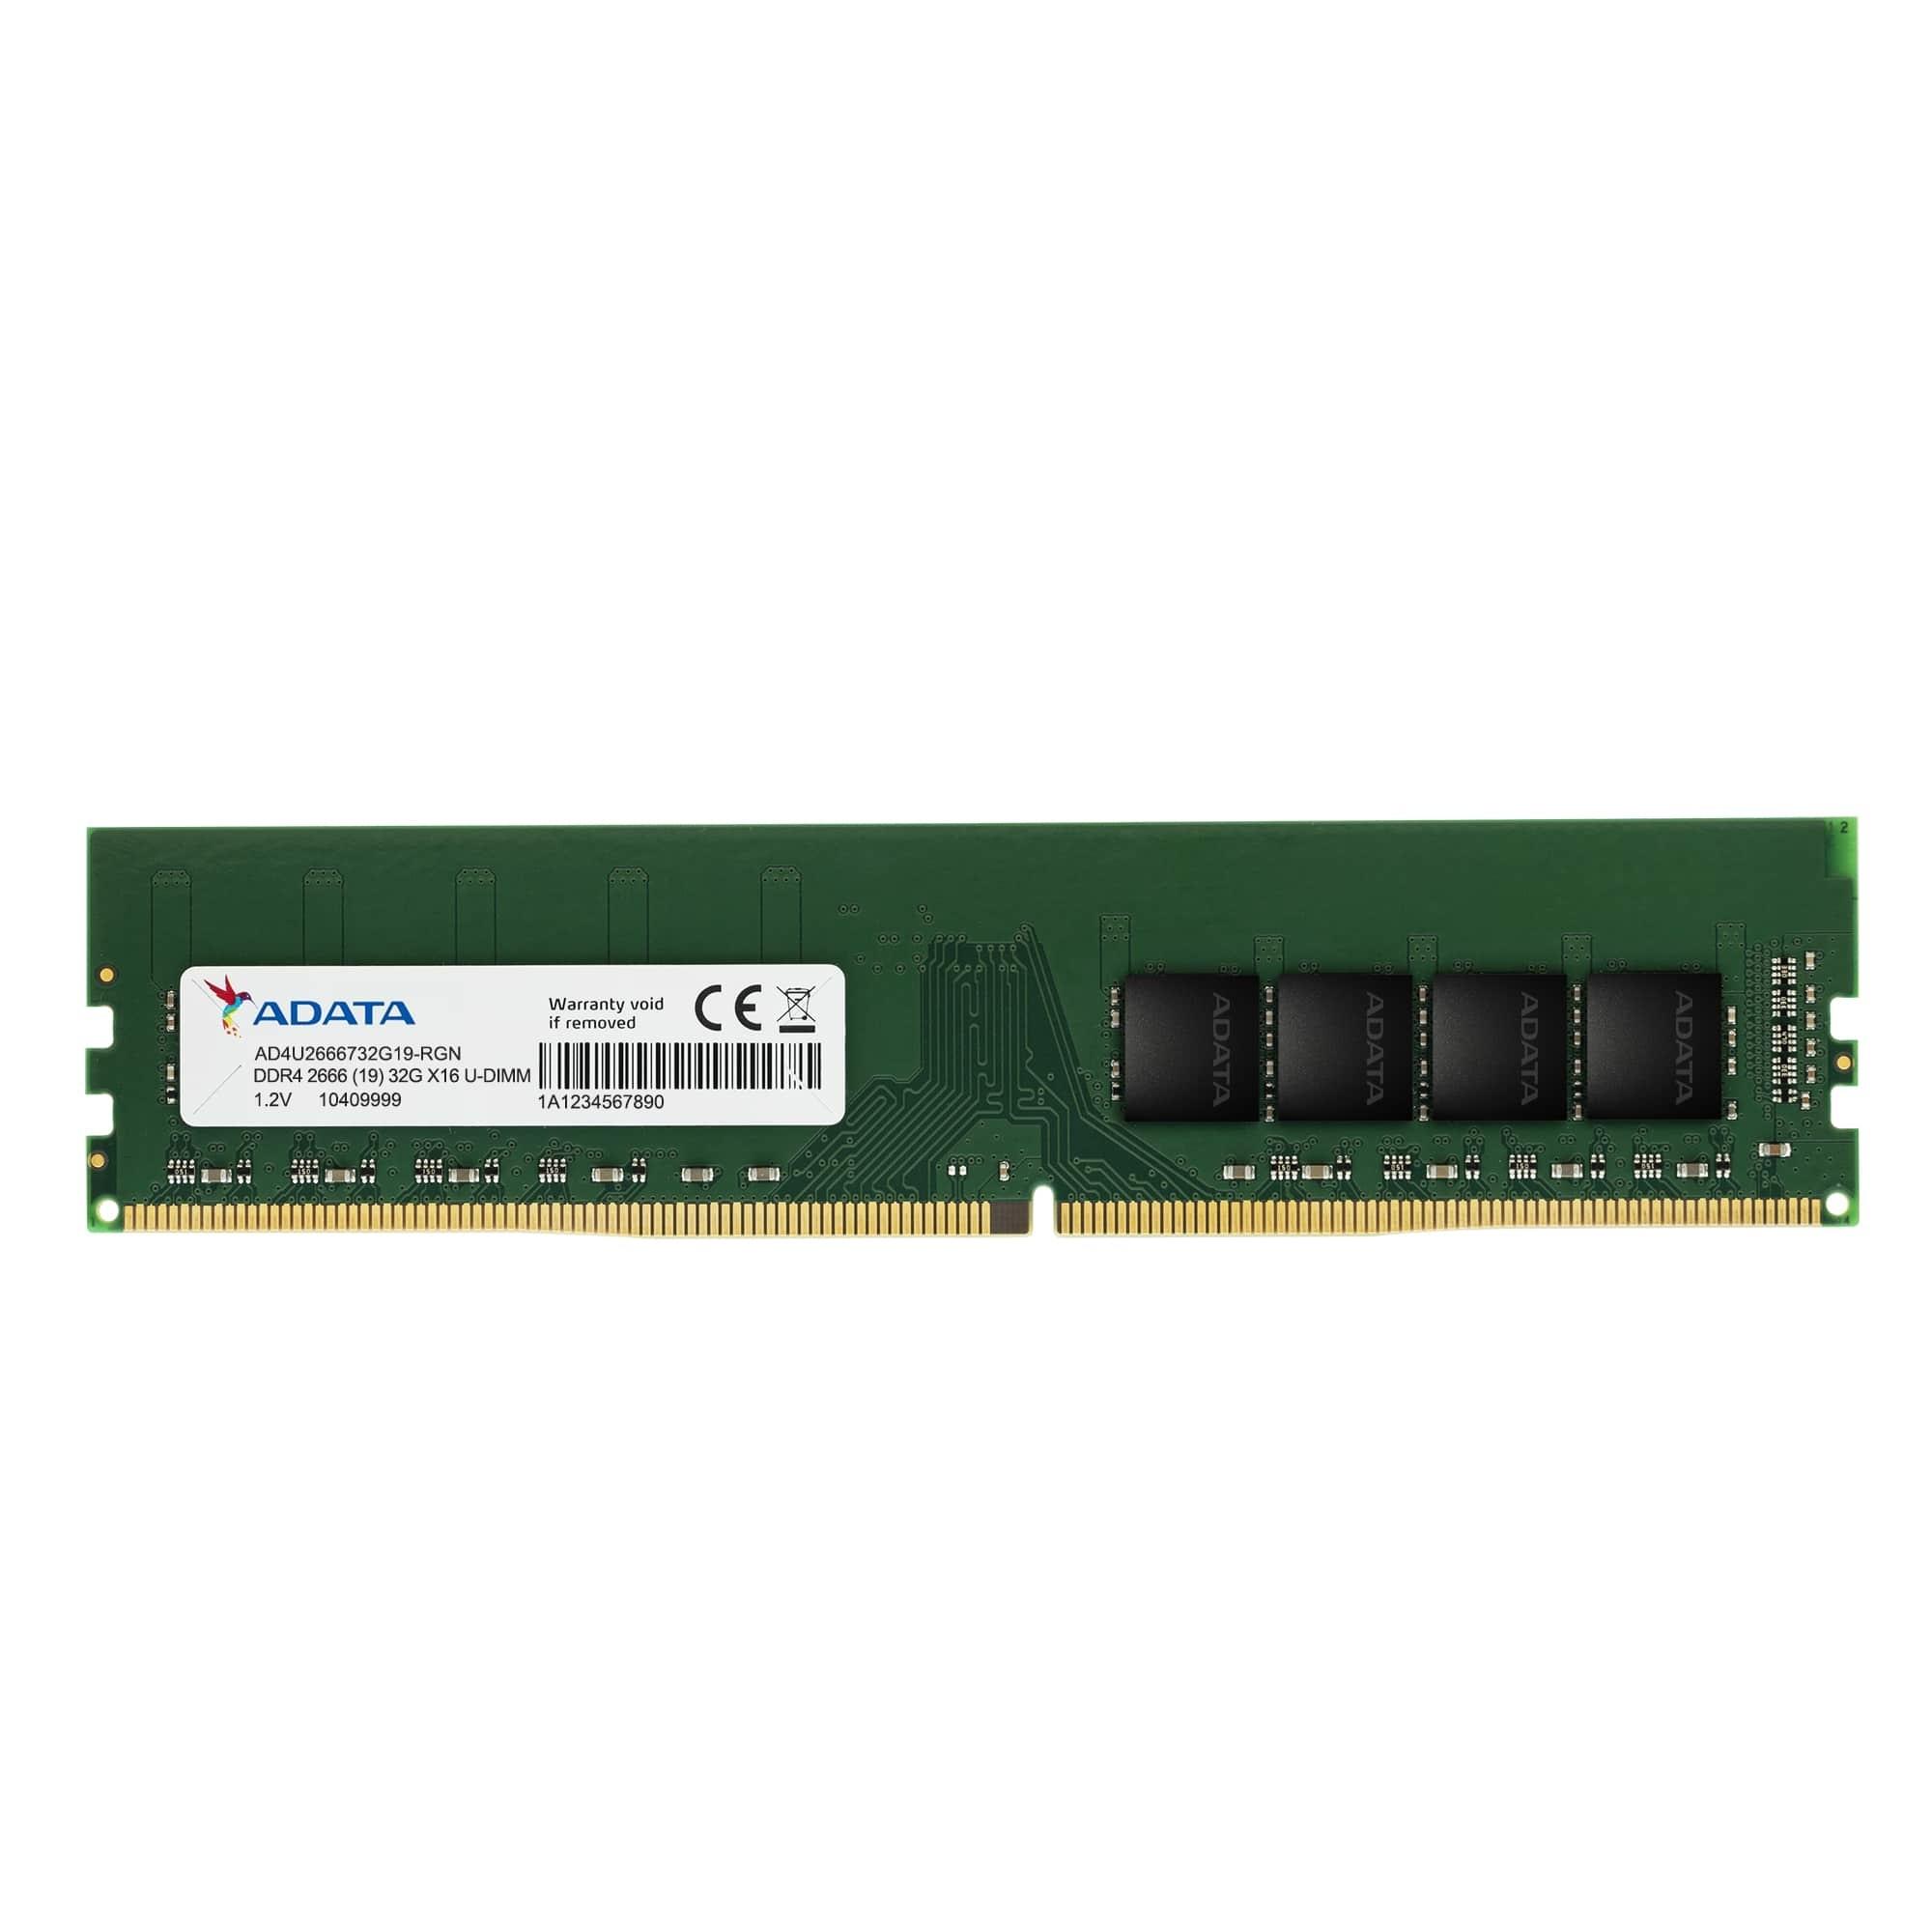 ADATA Premier DDR4 2666 U-DIMM Memory (8GB)